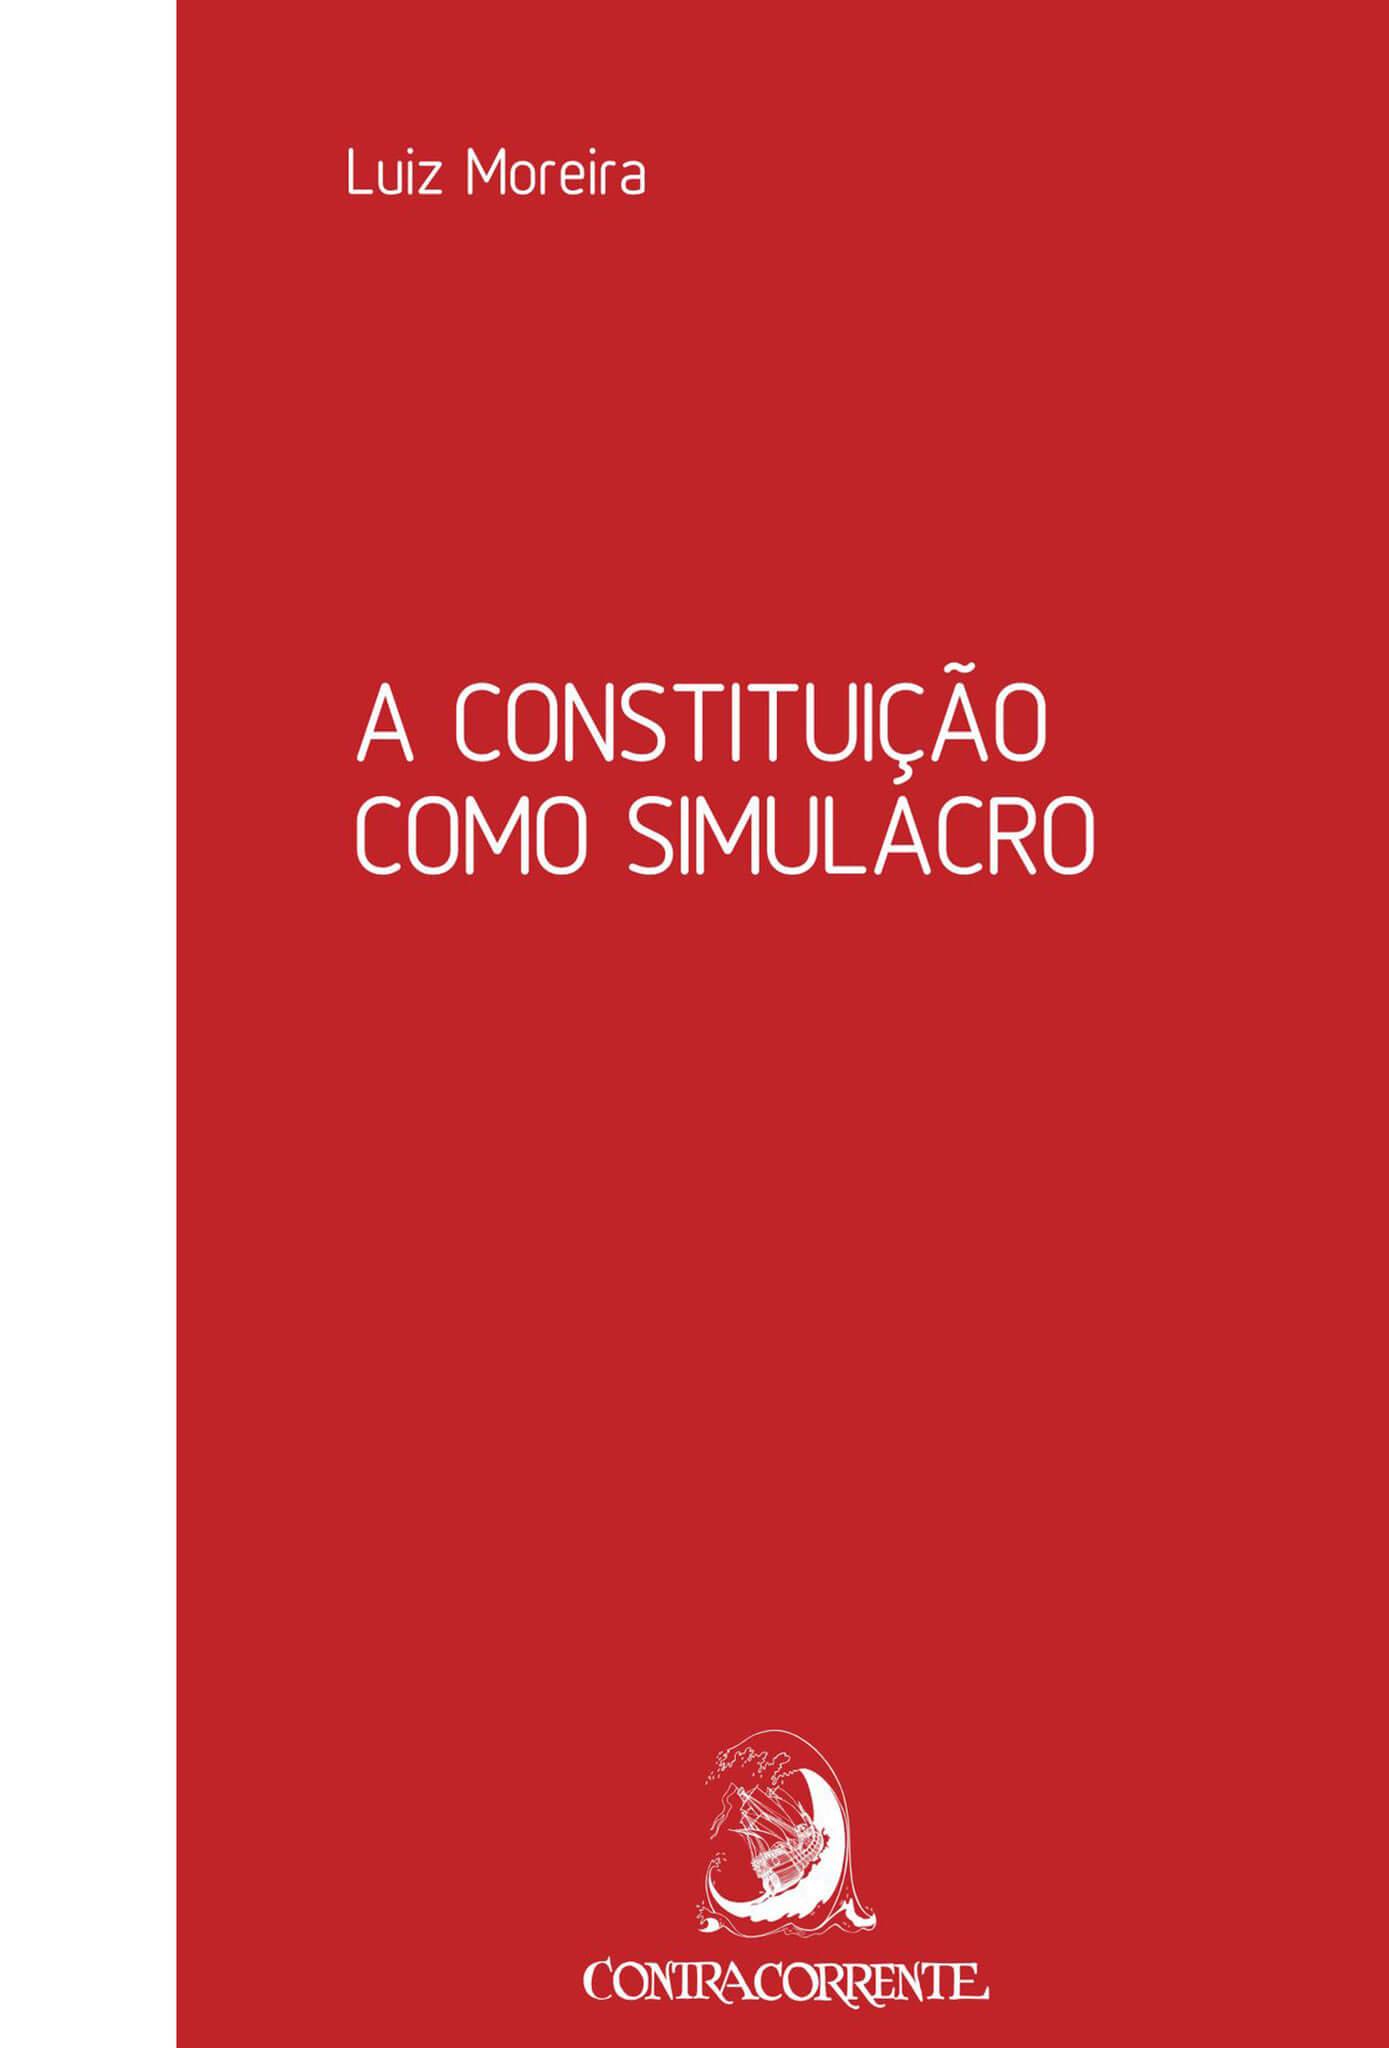 A Constituição como simulacro, livro de Luiz Moreira